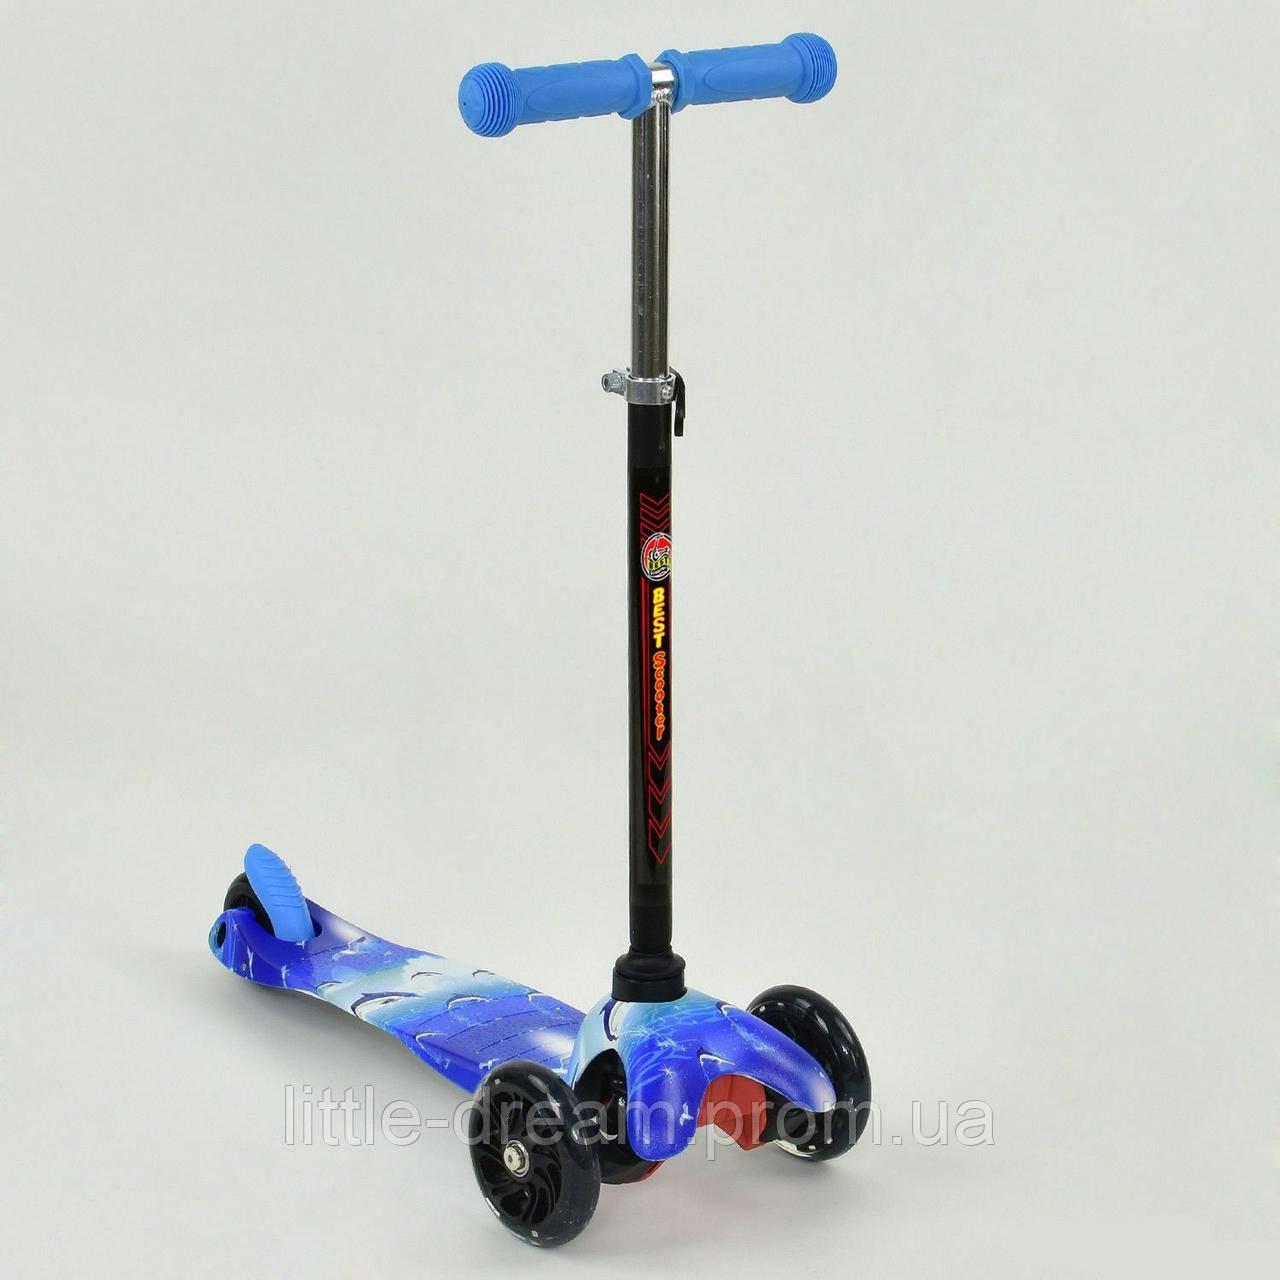 Самокат MINI Best Scooter 779-1231, светящиеся PU колеса